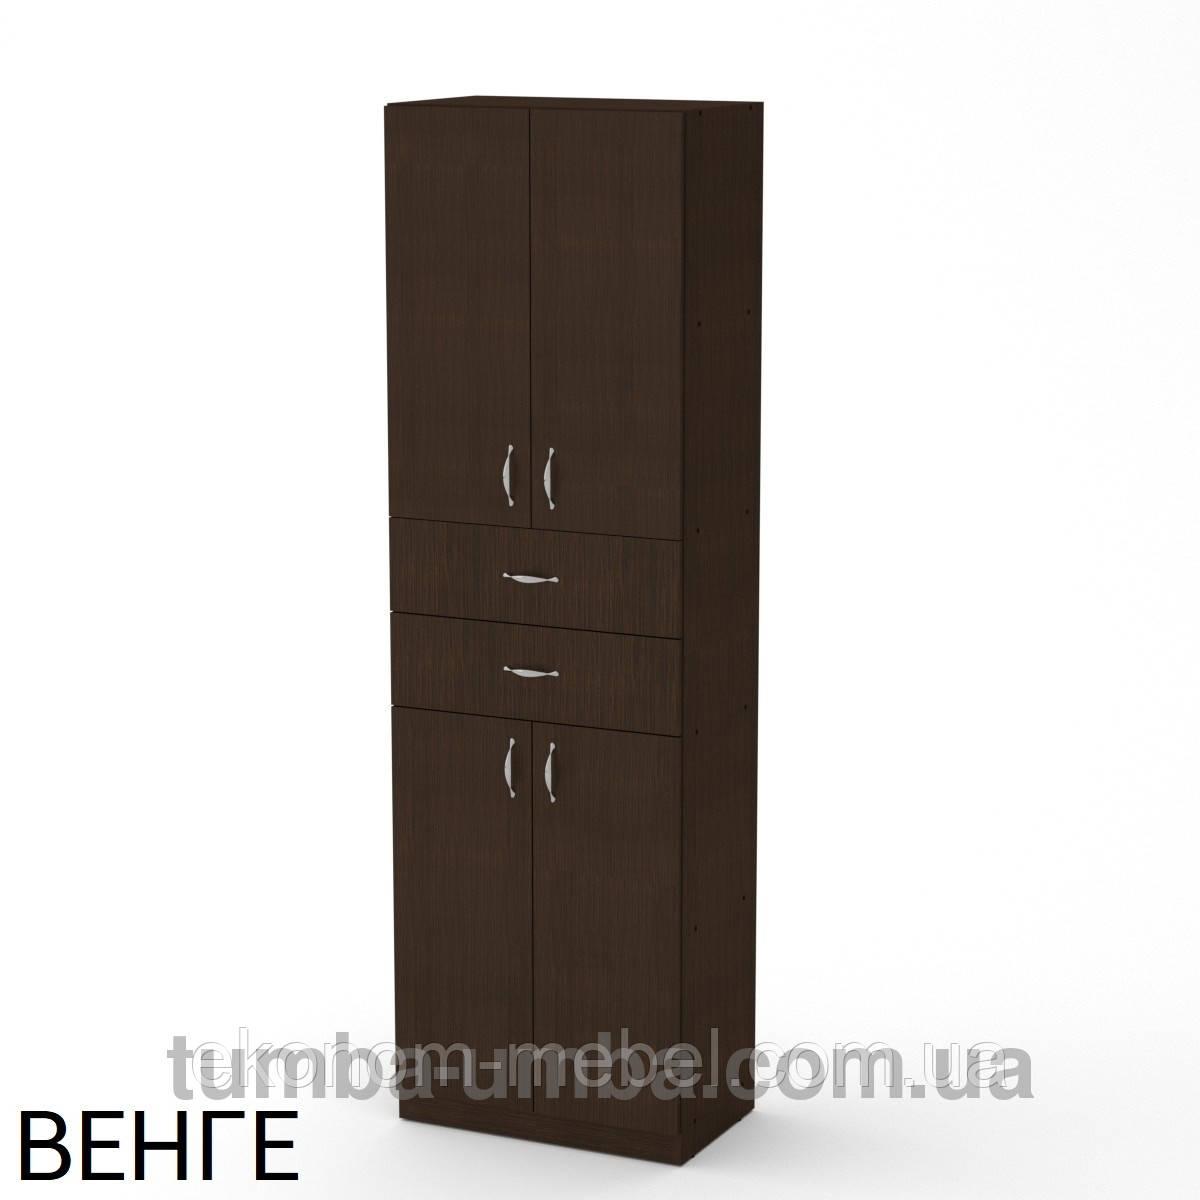 Невысокий шкаф КШ-11 для офиса и дома с полками